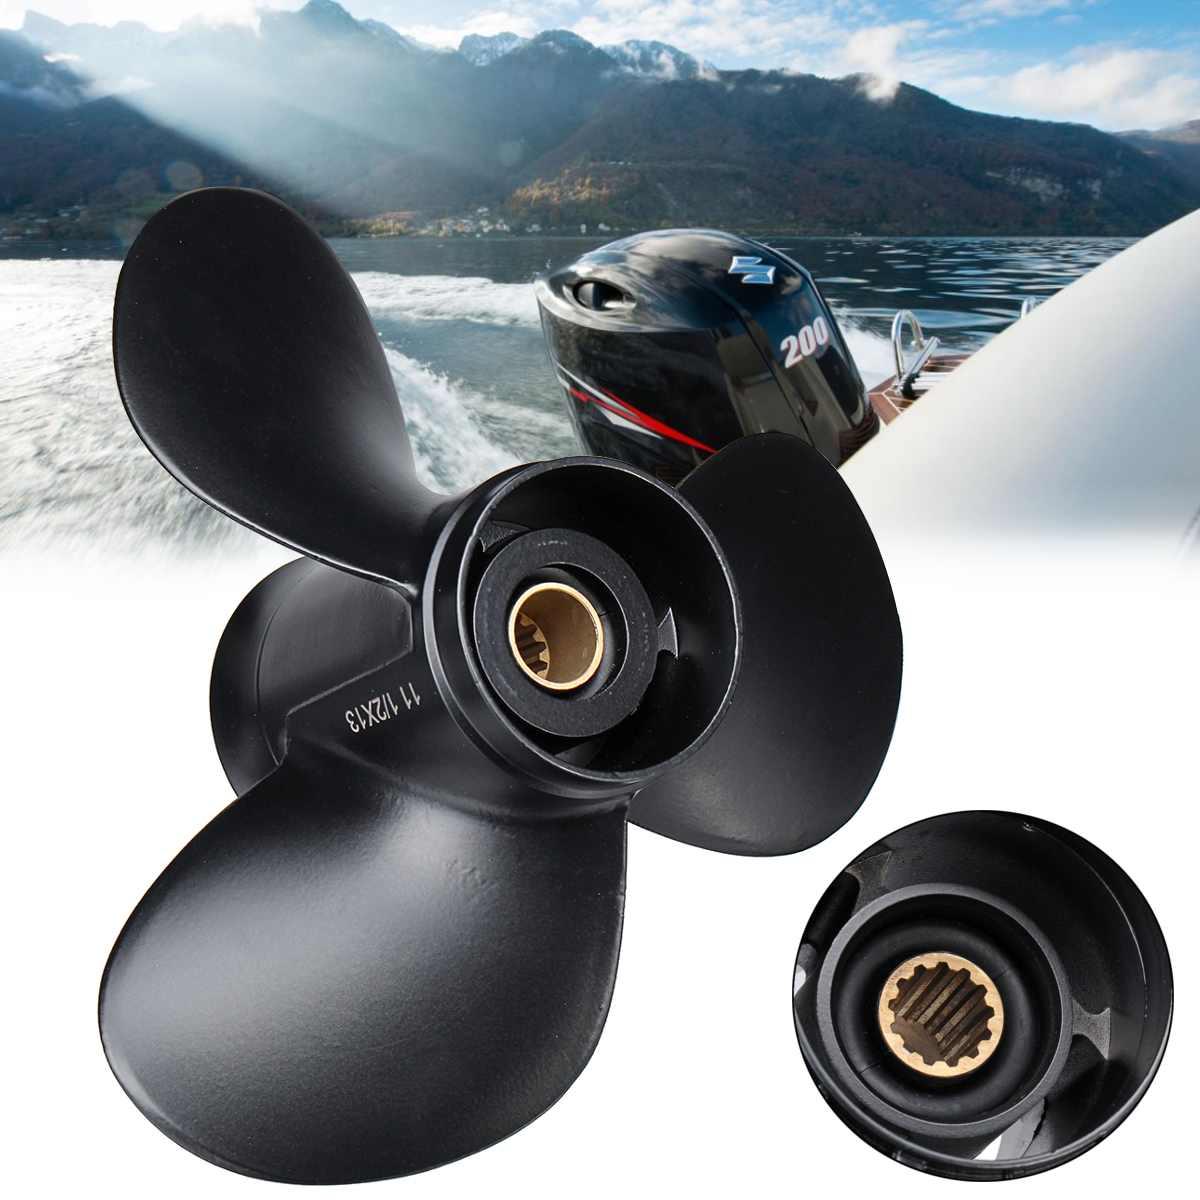 58100-94313-019 11 1/2x13 pollice In Lega di Alluminio Barca Fuoribordo Elica per Suzuki 35-65HP 3 Lame 13 Spline Tooths R Rotazione